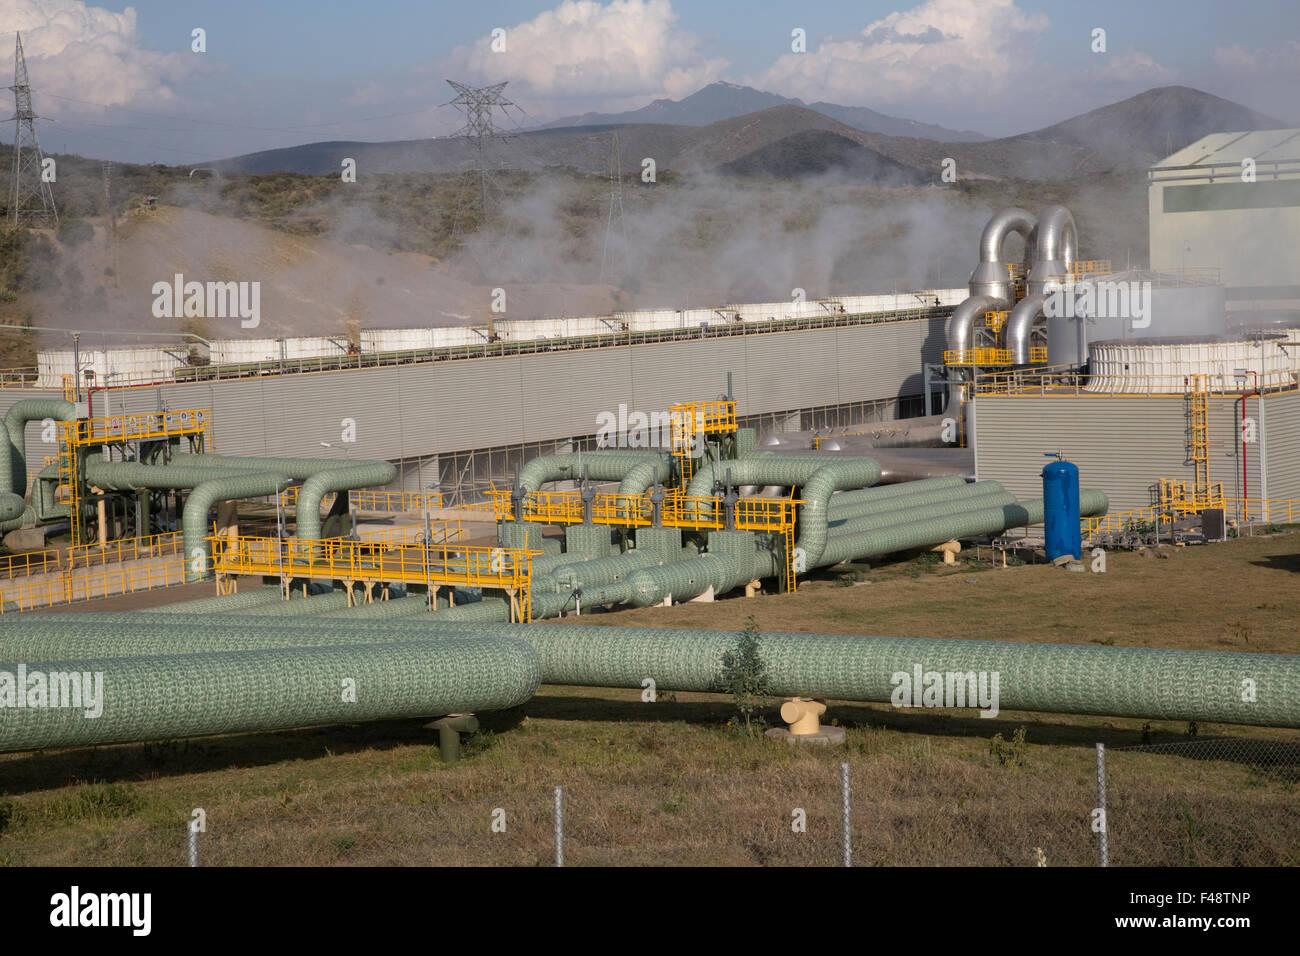 Olkaria 280MW de la planta de energía geotérmica Hell's Gate del Valle del Rift de Kenya Imagen De Stock